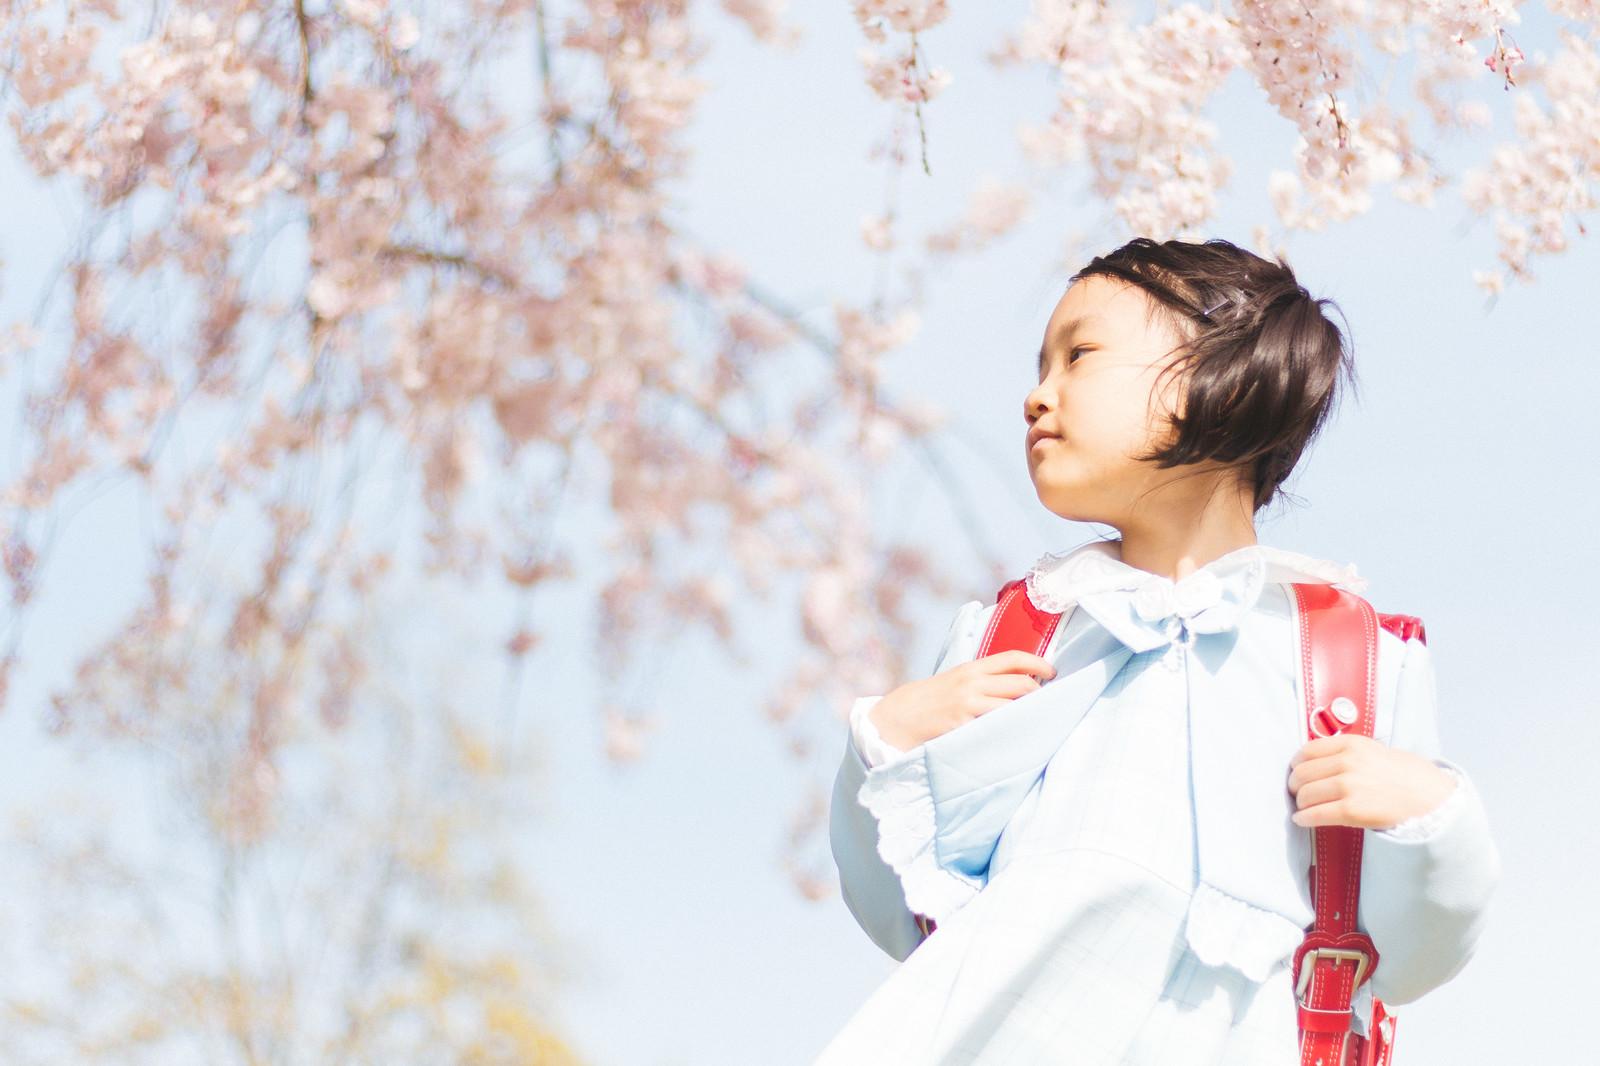 卯月は何月?意味/読み方/由来は?4月の時候の挨拶と季語も紹介!